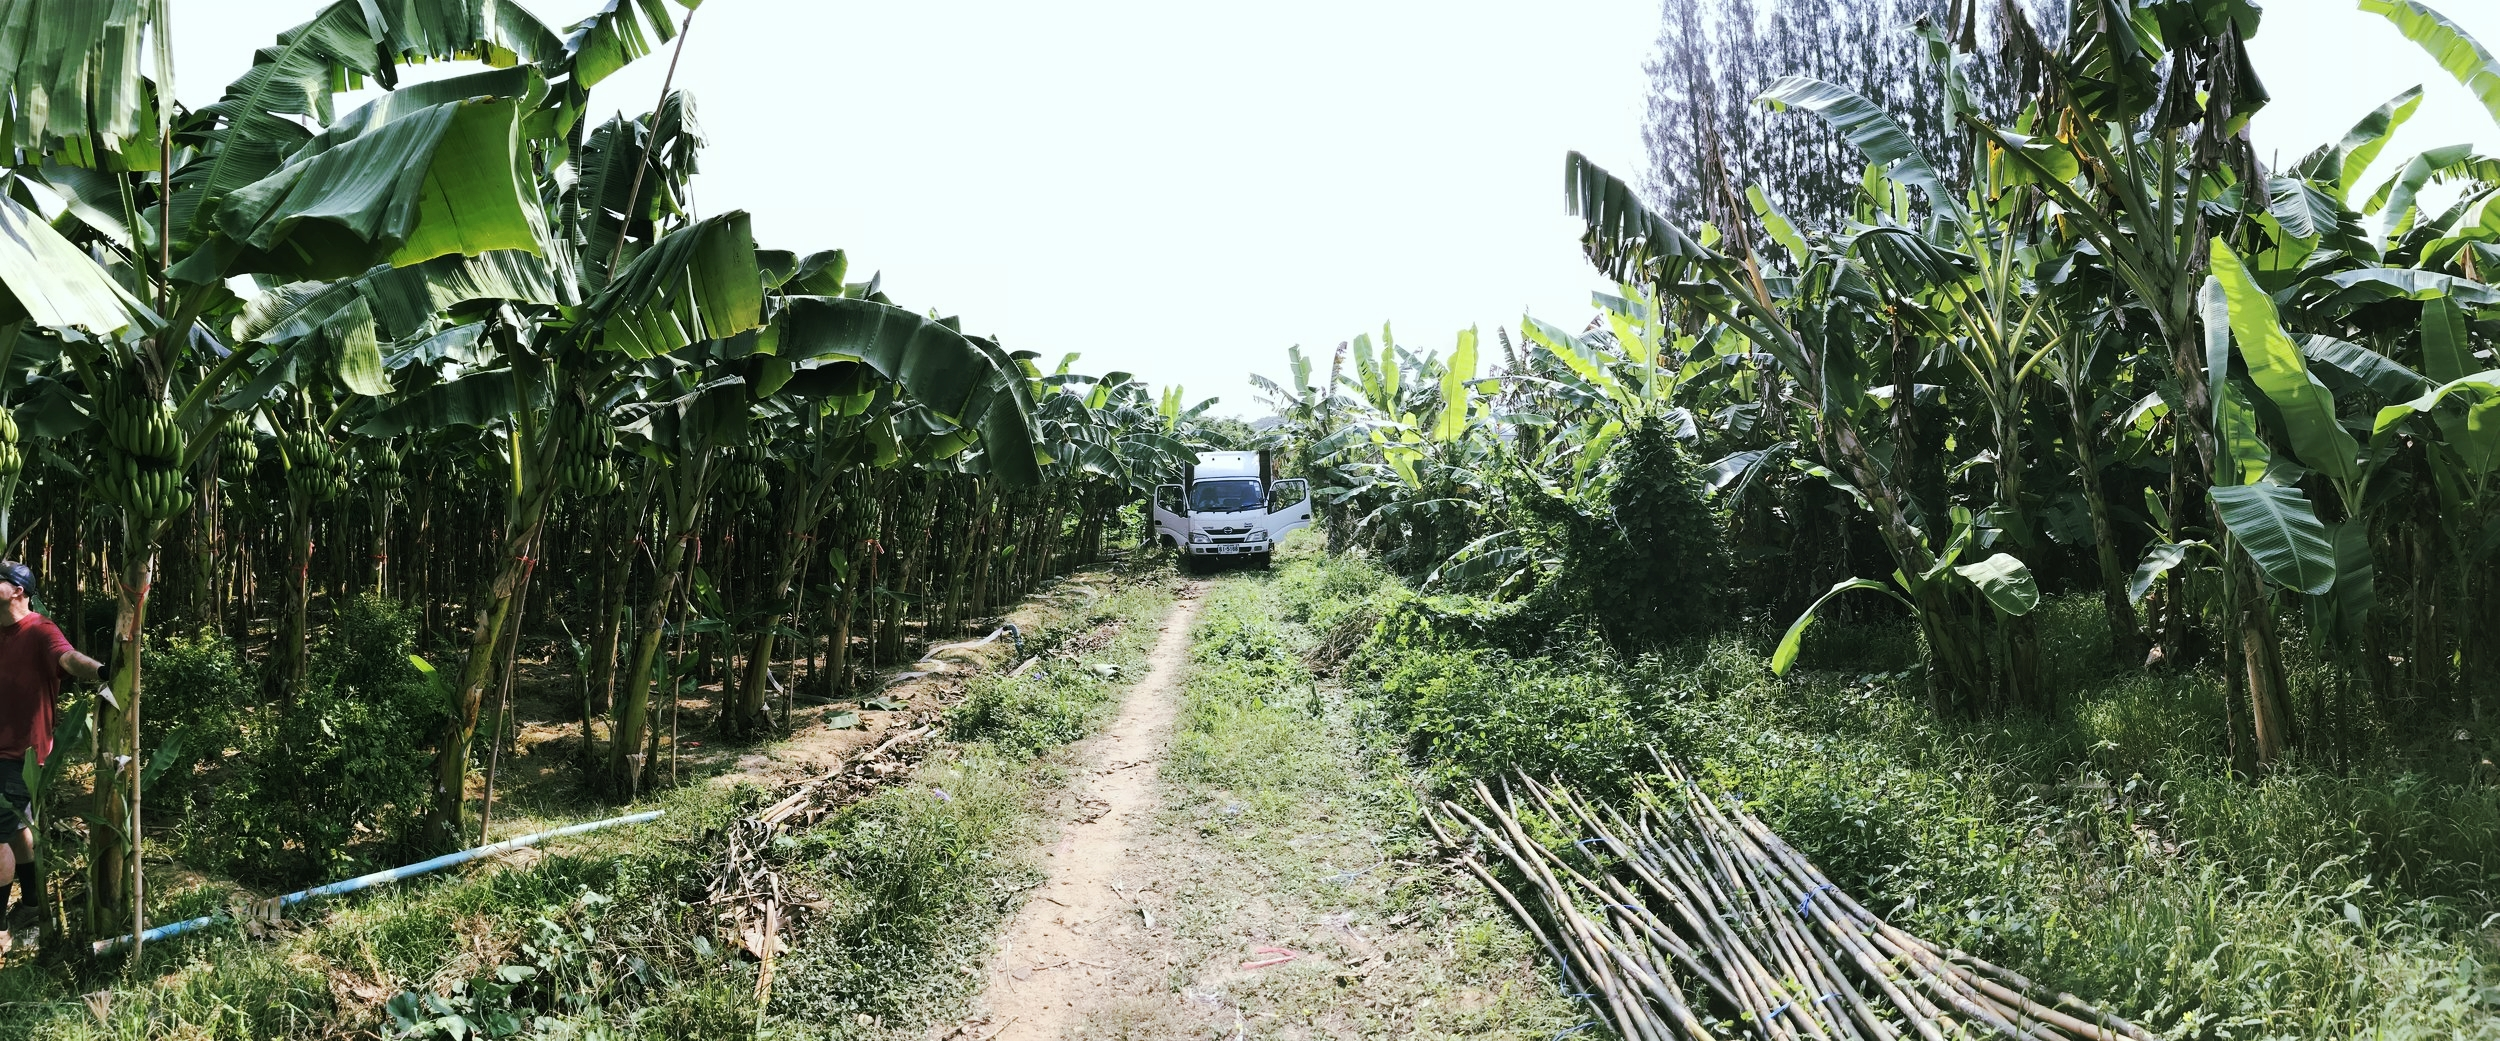 Banana tree plantation near Wildlife Friends Foundation Thailand